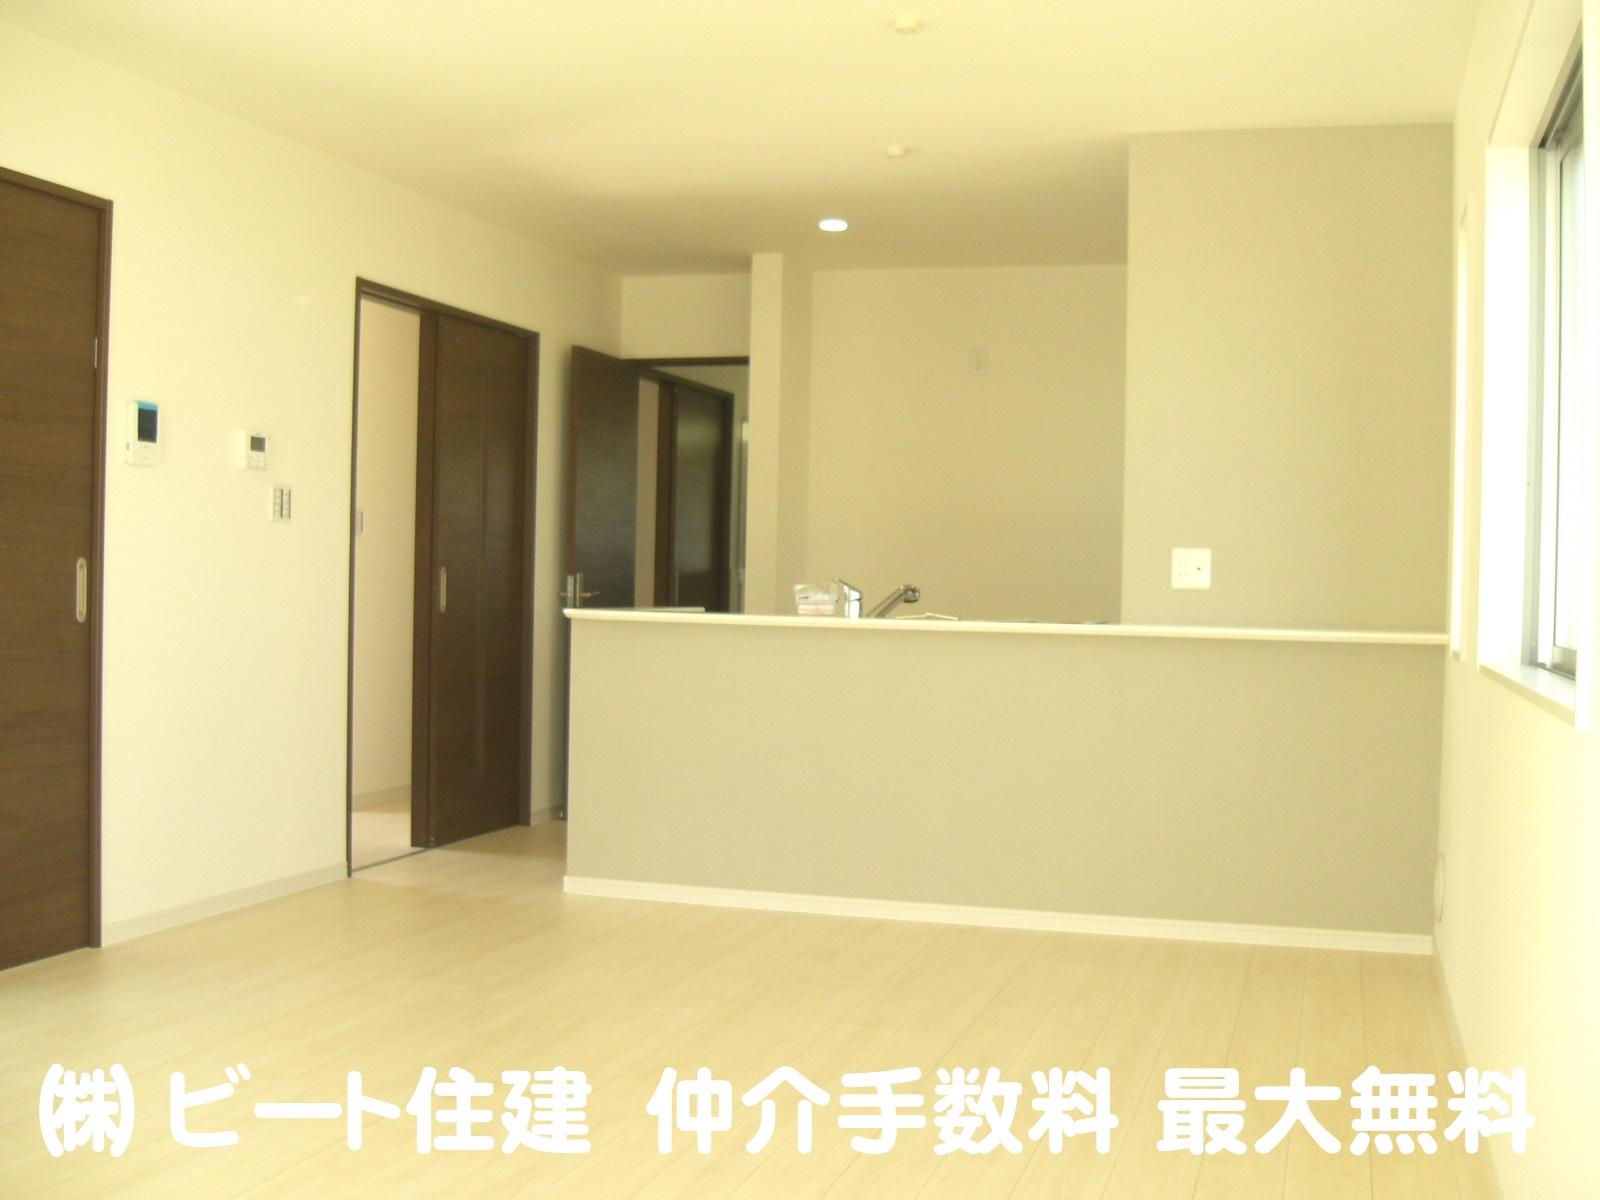 奈良県 新築 モデルハウス ご案内できます!  お買い得 仲介手数料 最大無料 大幅値引き ビート住建